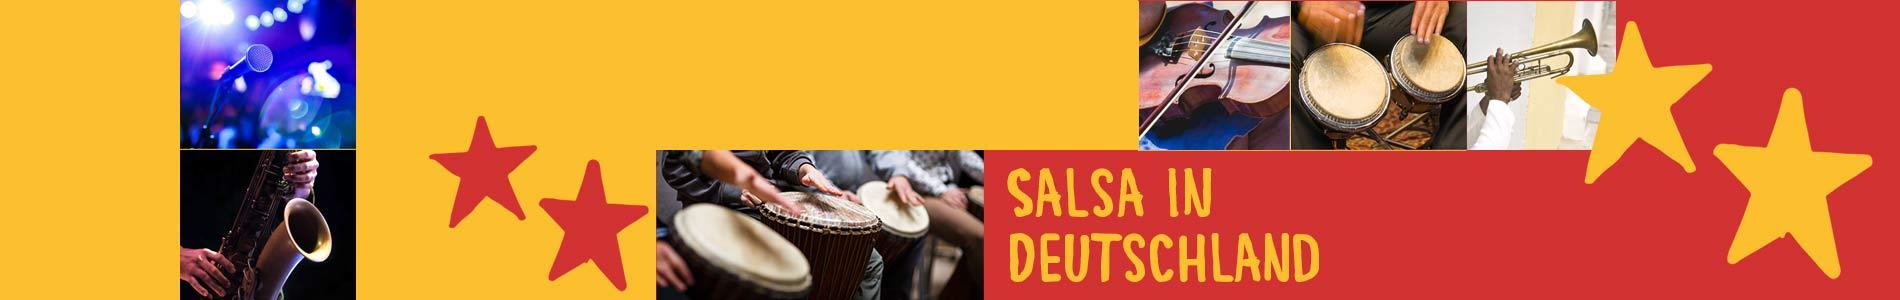 Salsa in Büchlberg – Salsa lernen und tanzen, Tanzkurse, Partys, Veranstaltungen